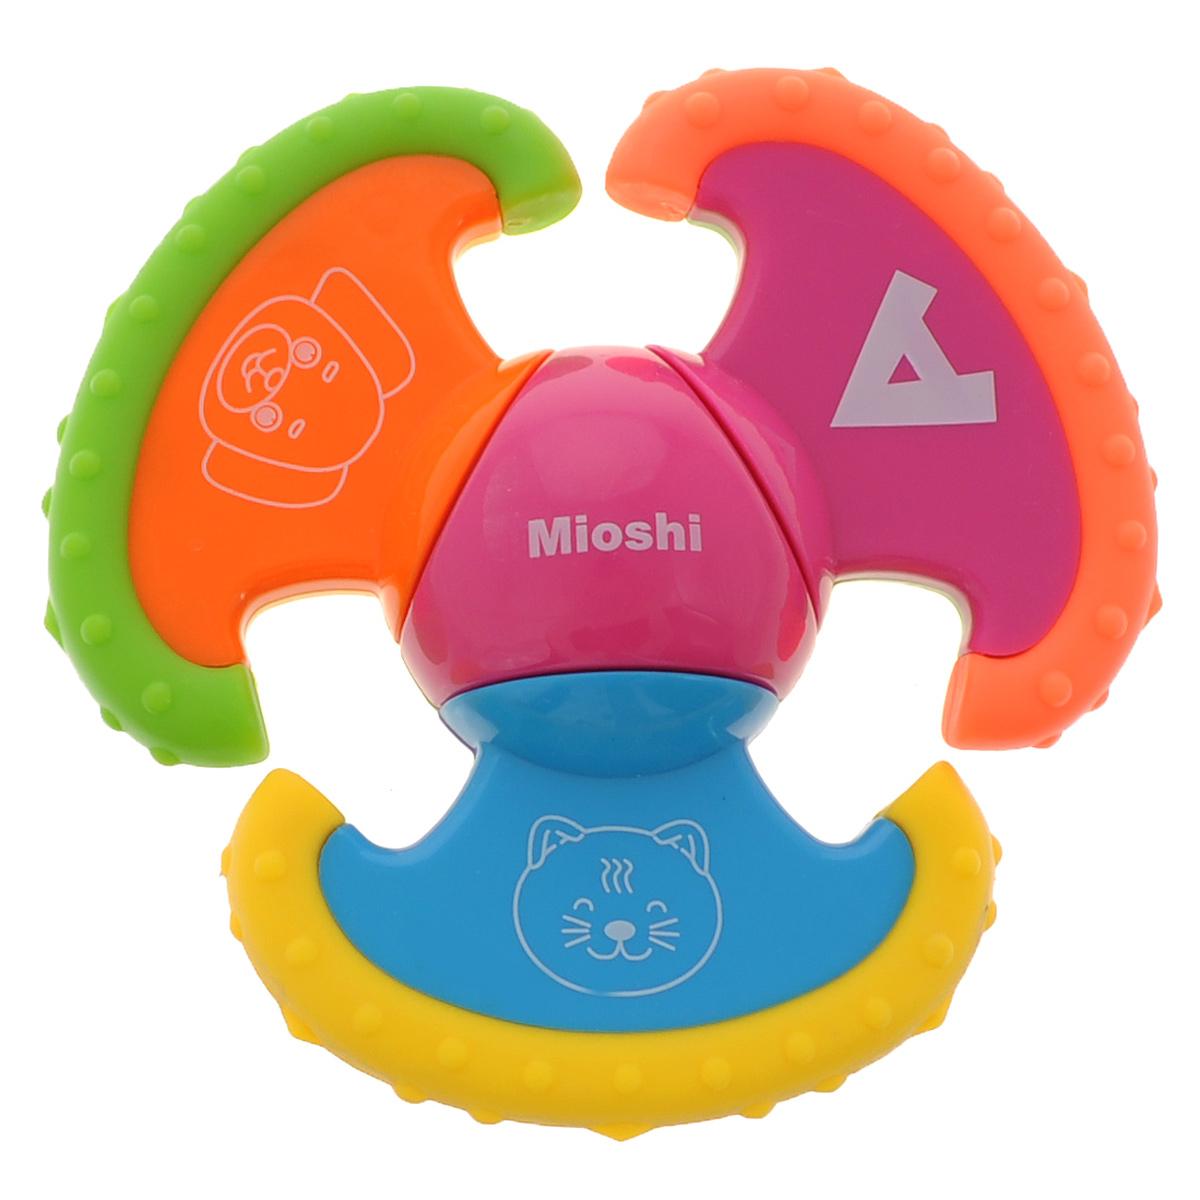 Погремушка-прорезыватель Mioshi Учимся крутитьTY9022С яркой, разноцветной и приятной на ощупь погремушкой Mioshi Учимся крутить ребенку будет очень интересно играть, а когда начнут резаться зубки, она станет незаменимой. Кроме того, игрушка развивает мелкую моторику, восприятие формы и цвета предметов, а также слух и зрение. Игрушки Mioshi созданы специально для малышей, которые только начинают познавать этот волшебный мир. Дети в раннем возрасте всегда очень любознательны, они тщательно исследуют всё, что попадает им в руки. Лопасти погремушки вращаются, края лопастей выполнены из специального материала, о который деткам будет очень удобна чесать десны. Заботясь о здоровье и безопасности малышей, Mioshi выпускает только качественную продукцию, которая прошла сертификацию.